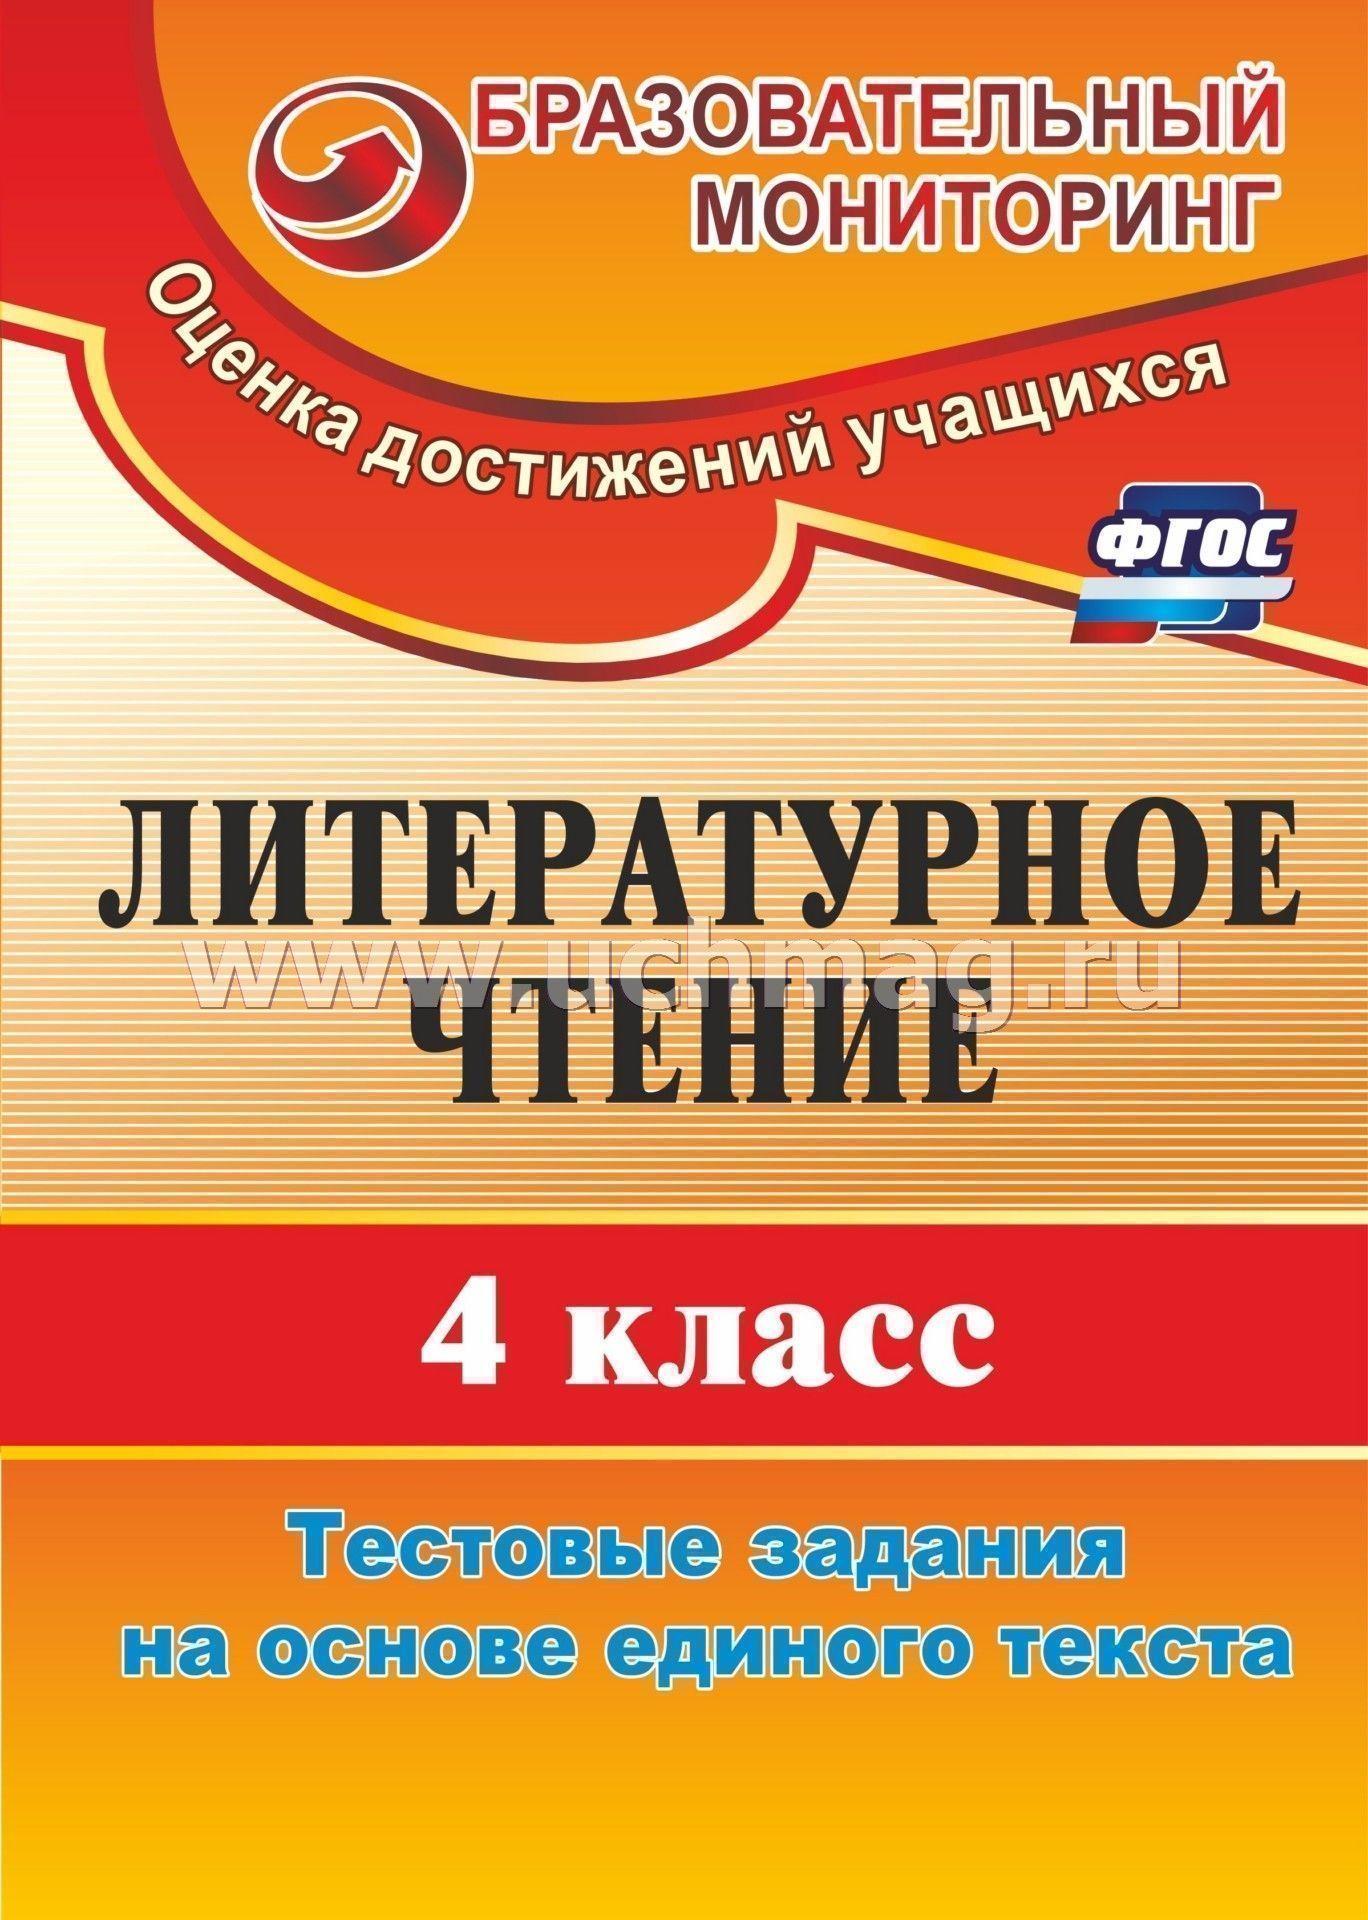 Обложка для классного журнала с тиснением ПВХ 300 мкм+картон разм. 310x445 15.35